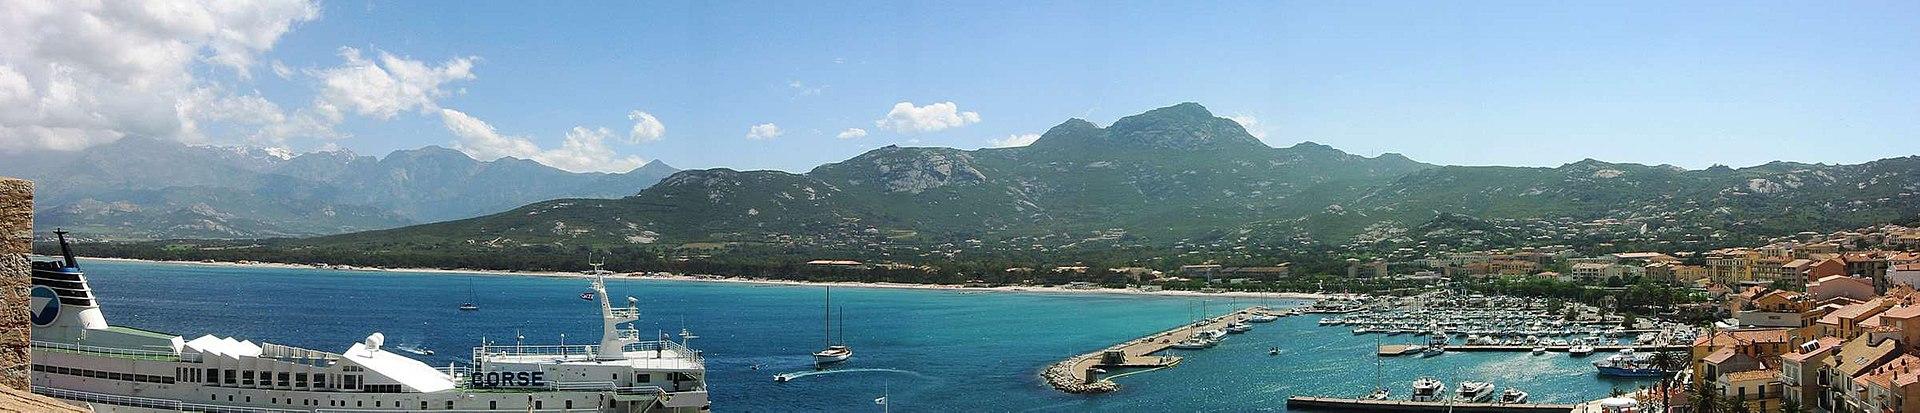 Corsica panorama